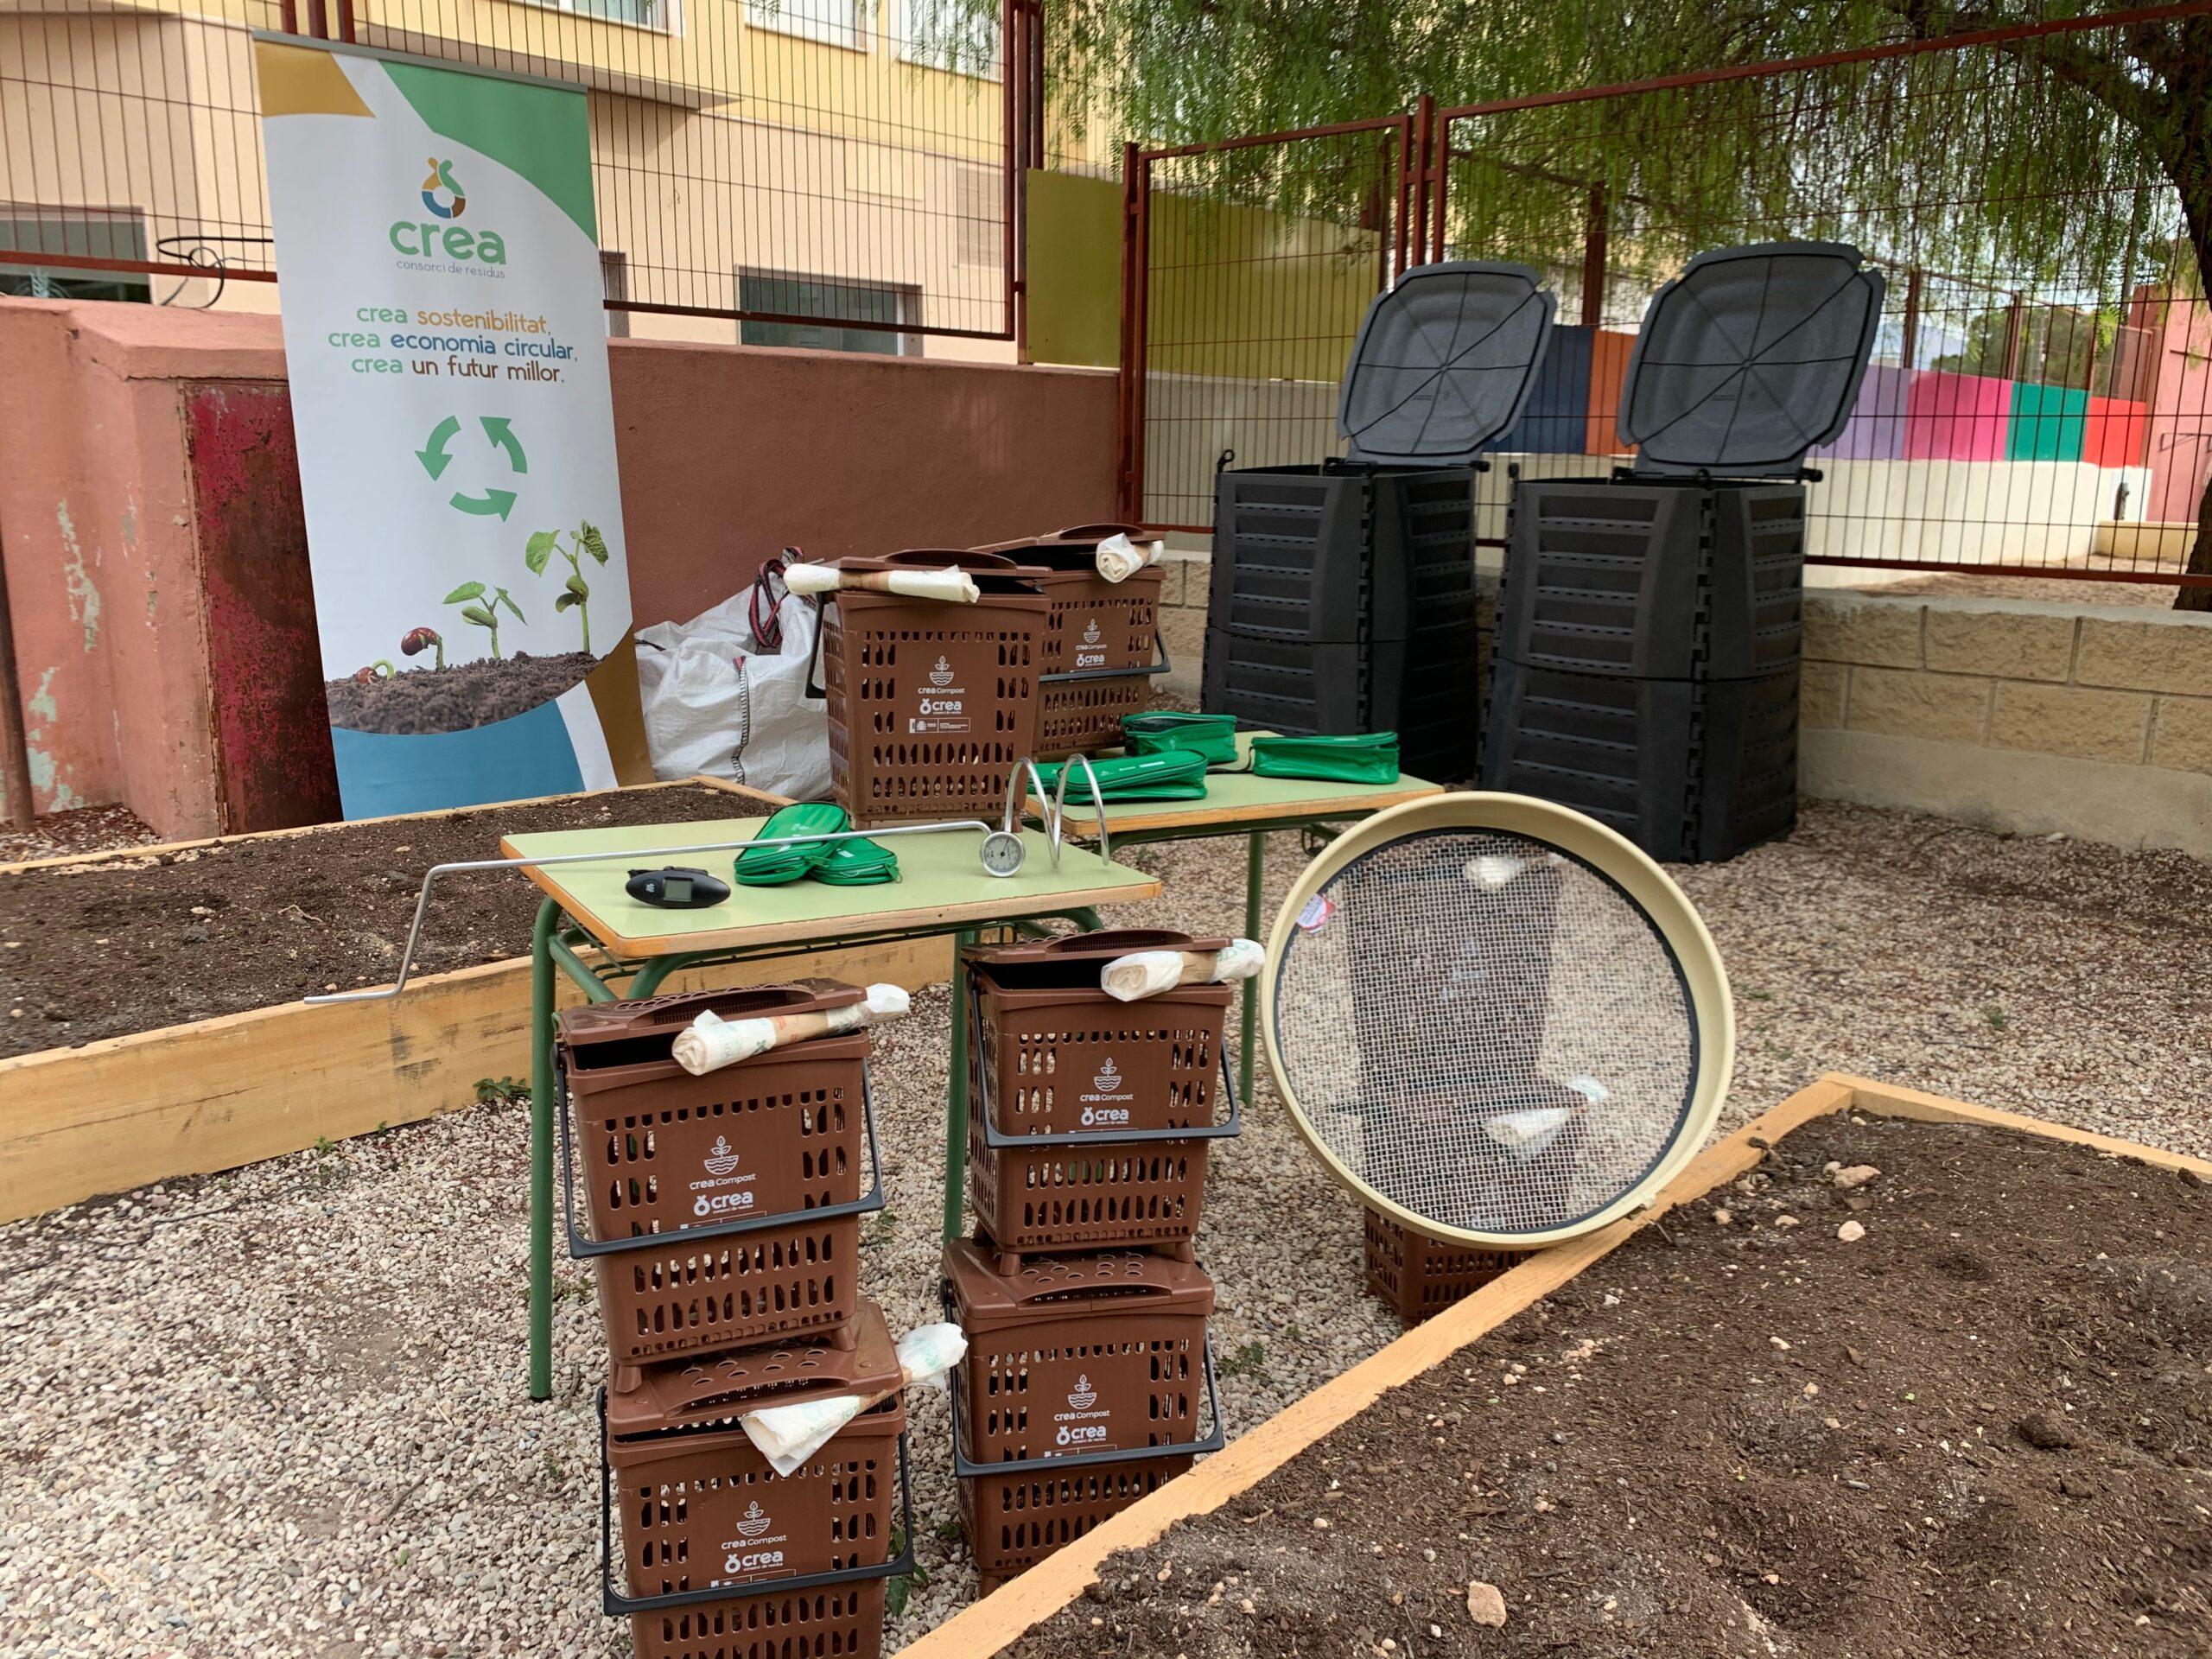 Todo el material necesario para realizar compostaje en los patios de las escuelas e institutos del CreaCompost (Valencia), programa ideado e implementado por Vermican.